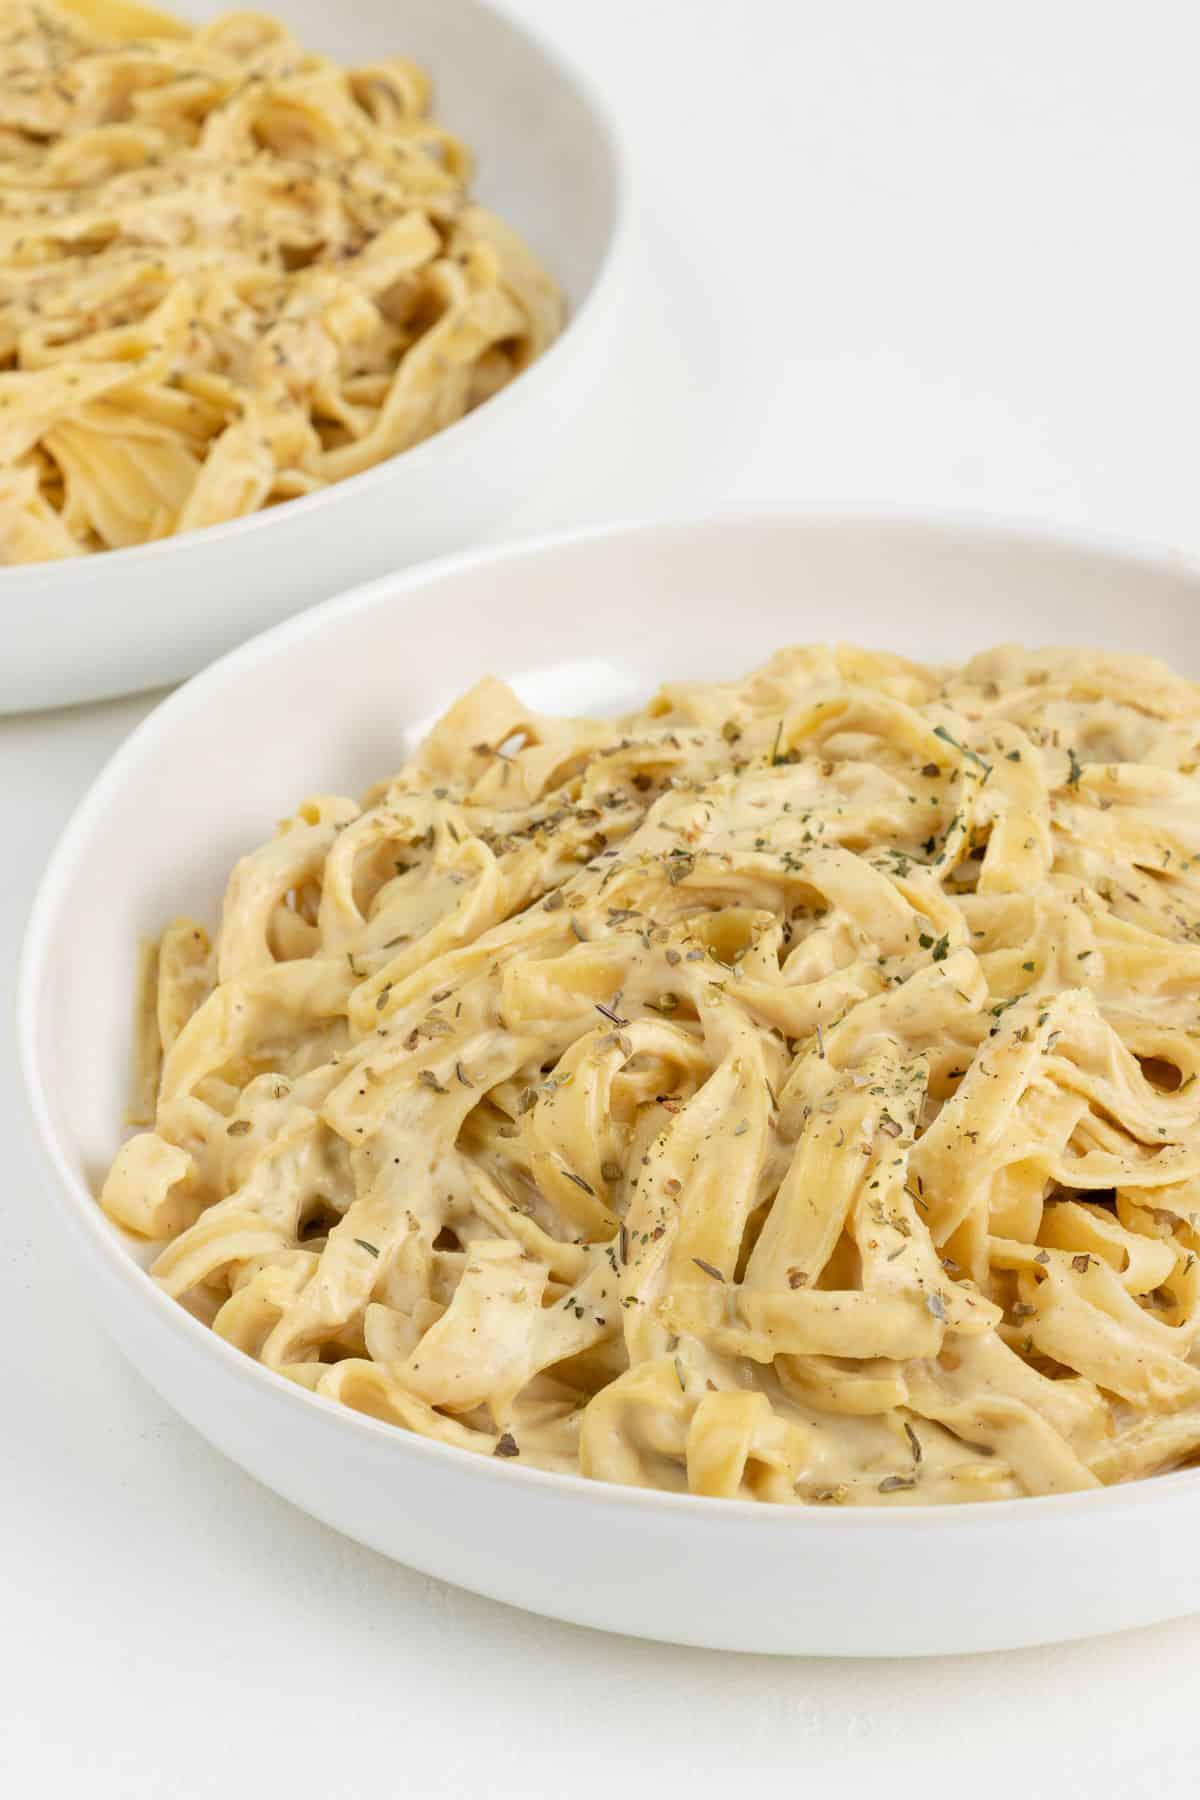 vegan fettuccine alfredo pasta inside two white bowls